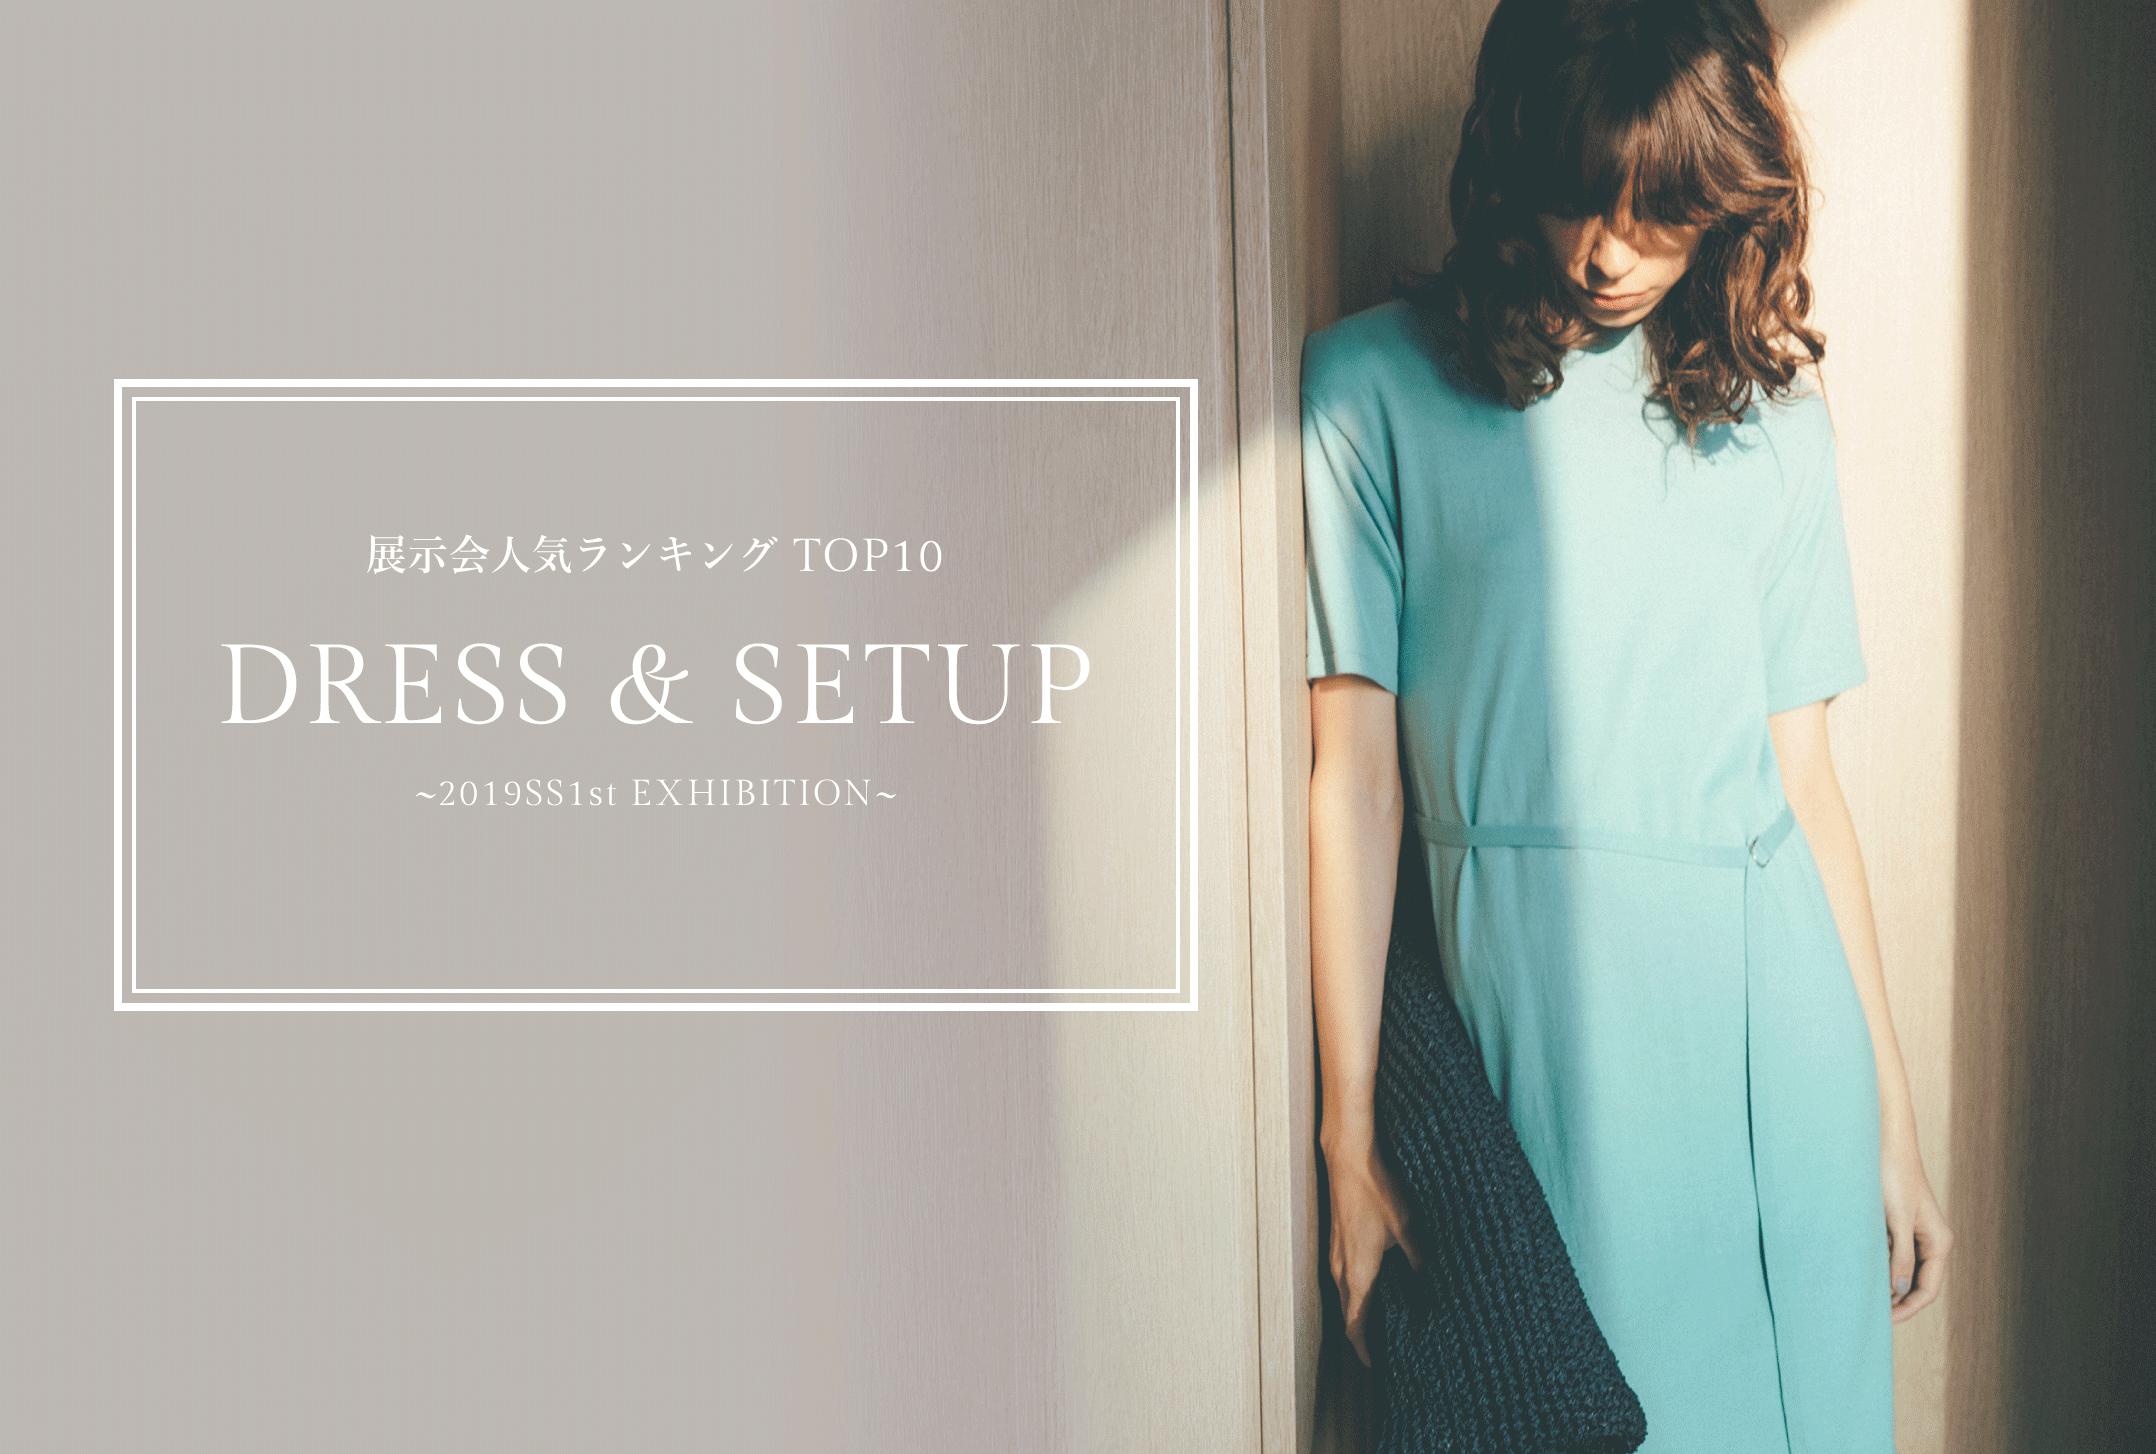 展示会人気ランキングTOP10 DRESS & SETUP ~2019SS1st EXHIBITION~